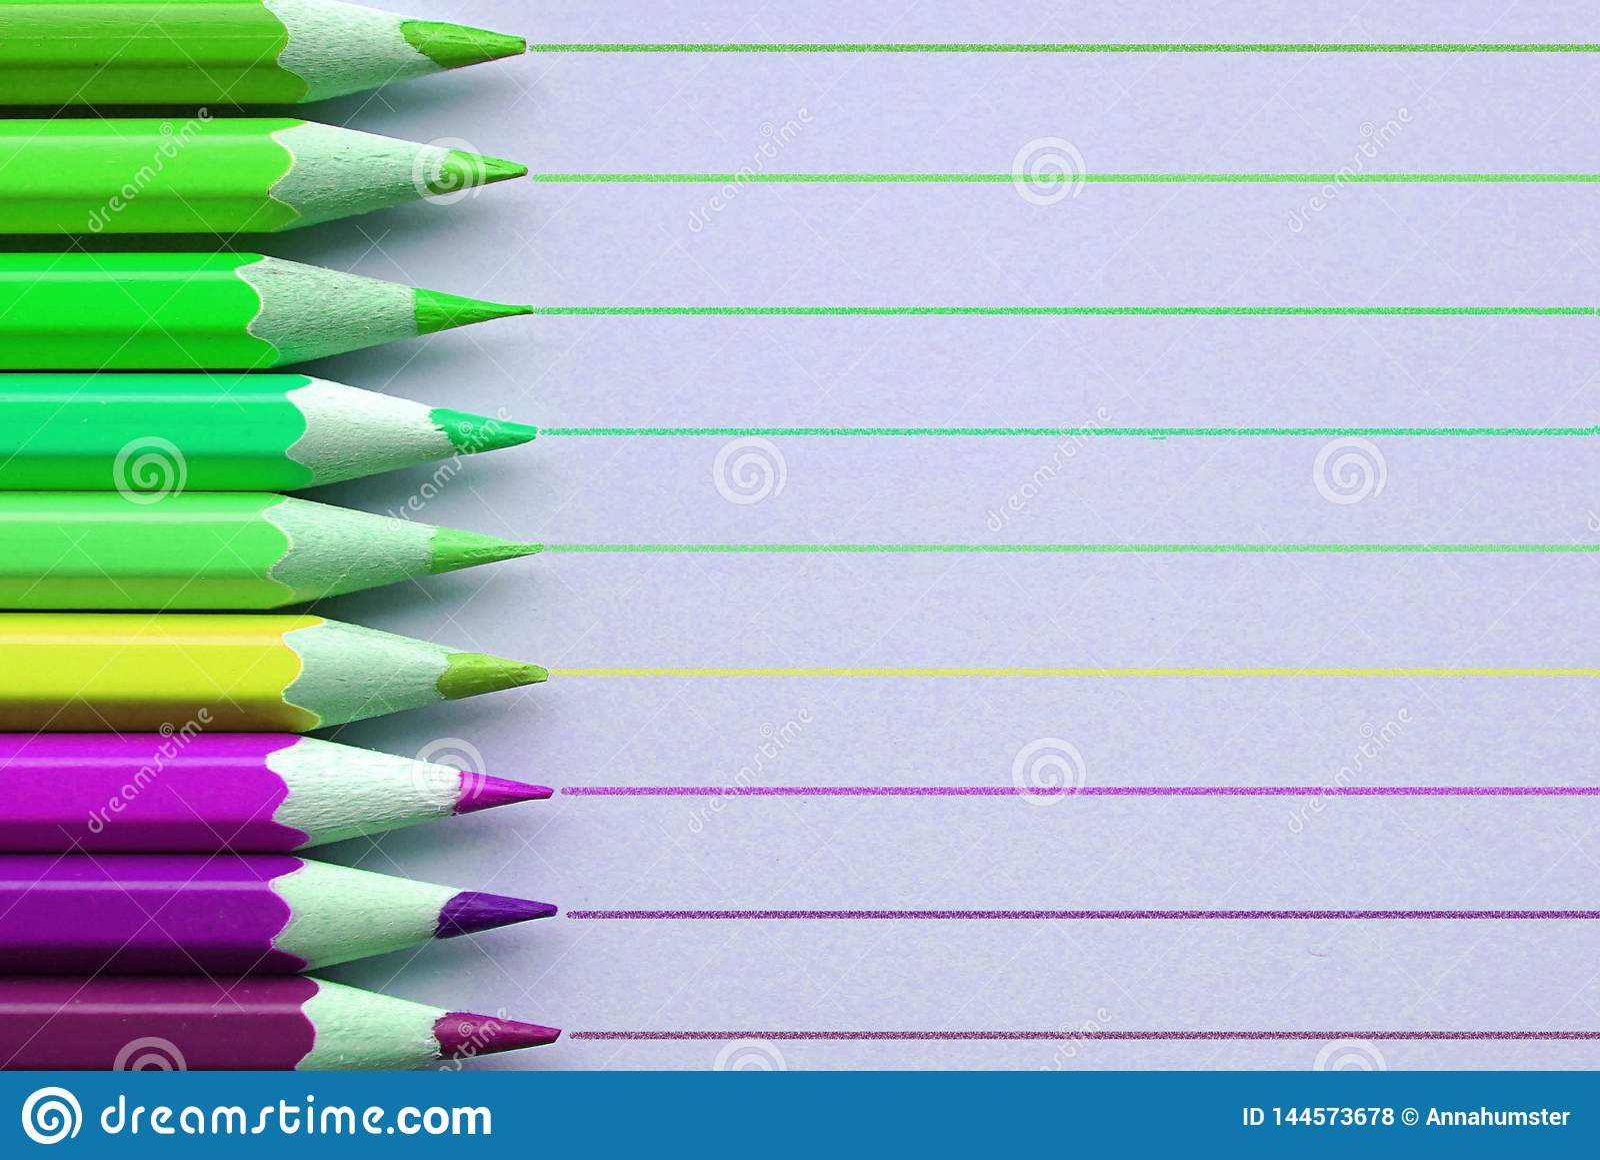 有线的明亮的铅笔在背景